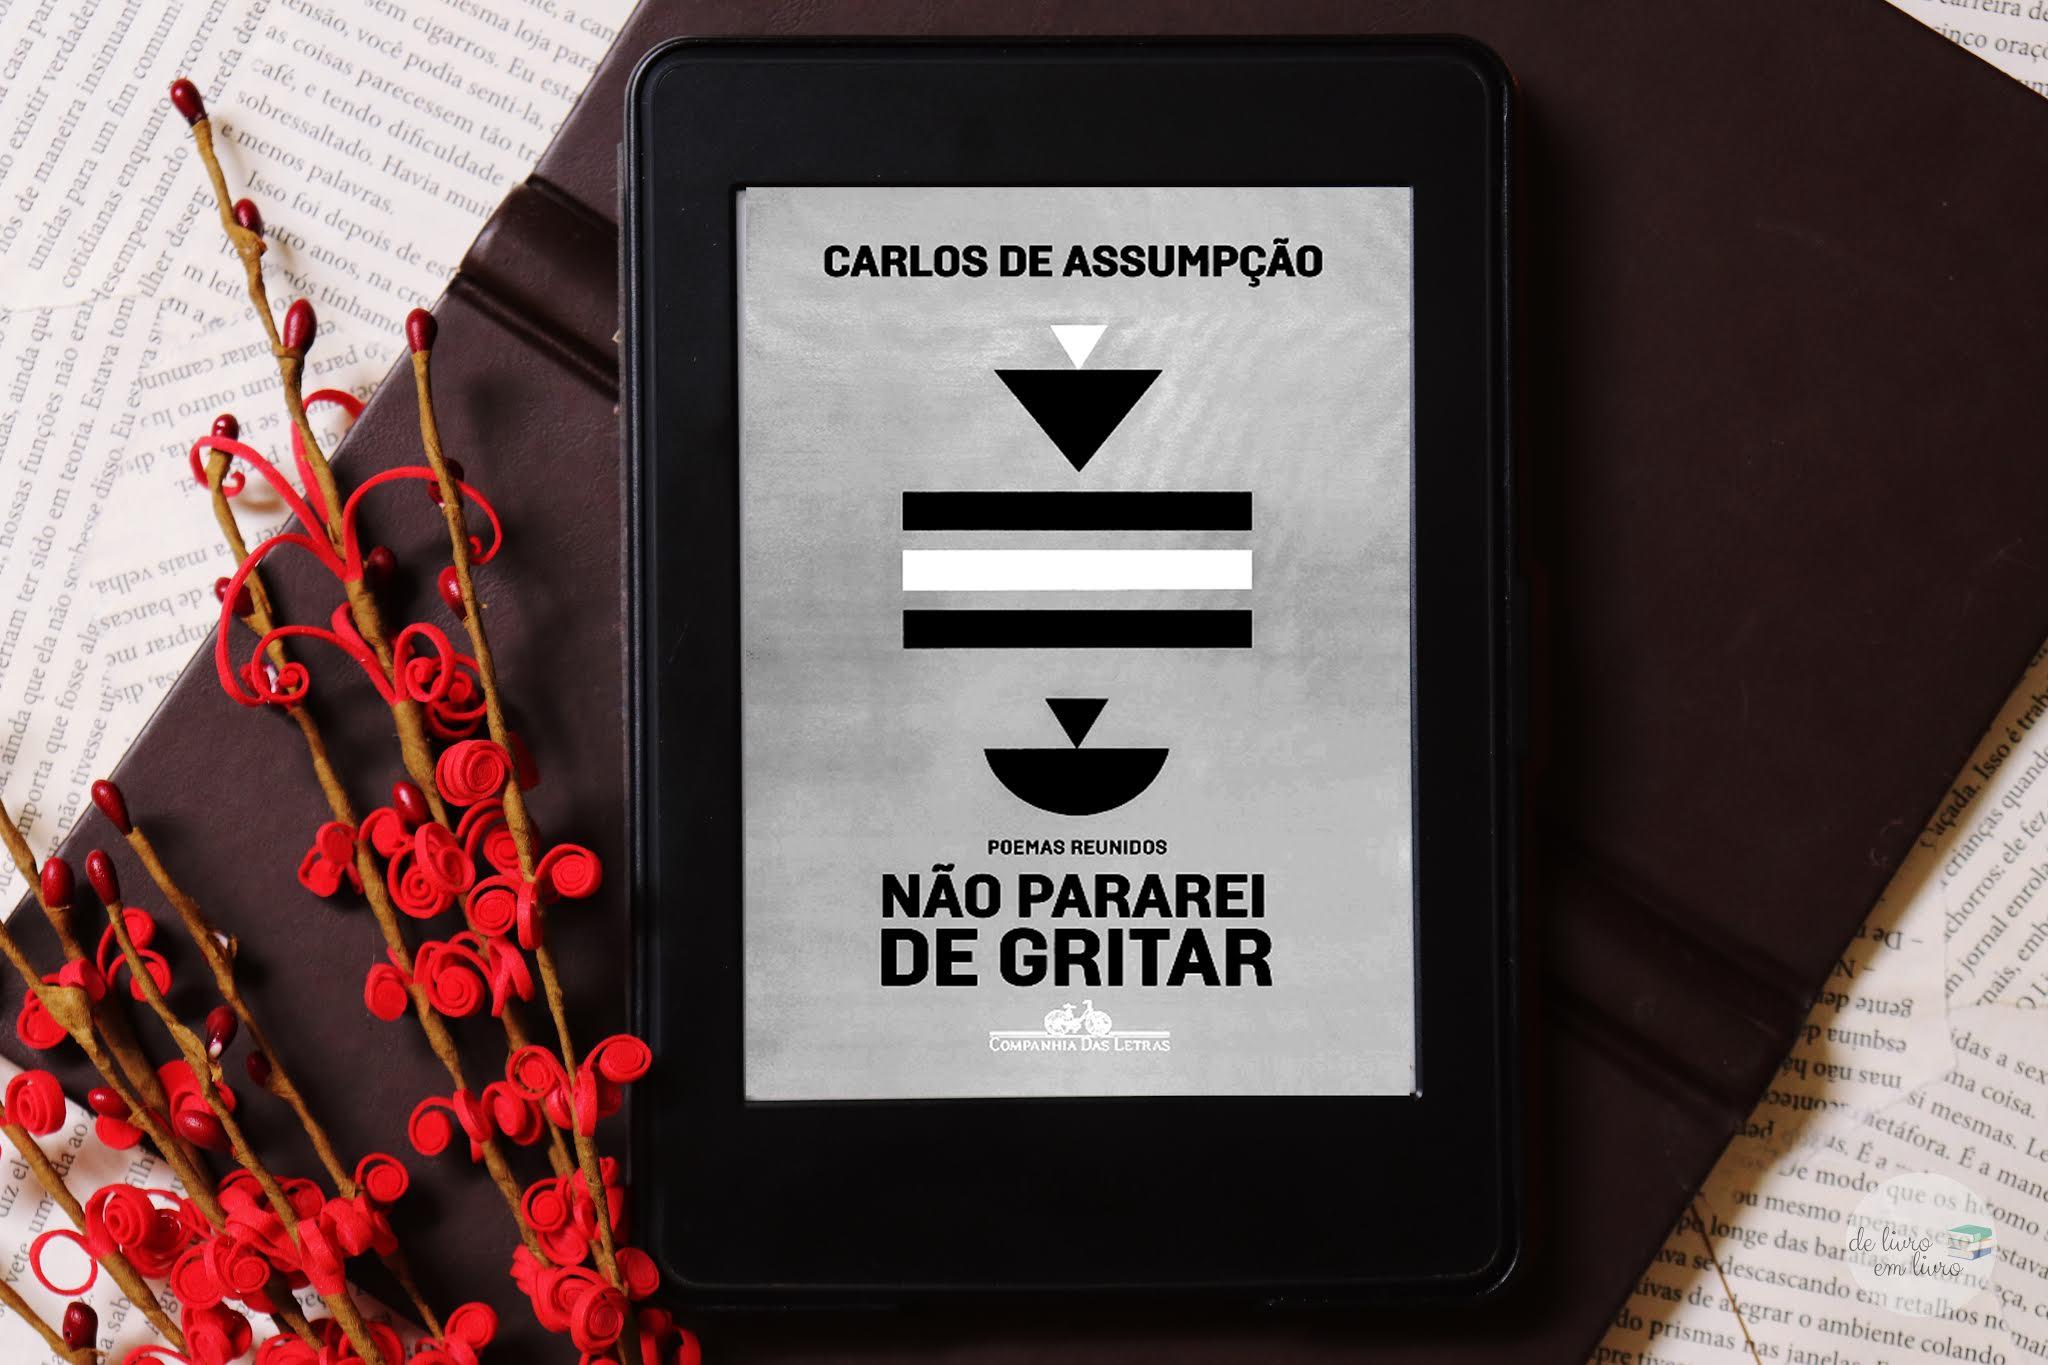 Não pararei de gritar - Carlos Assumpção